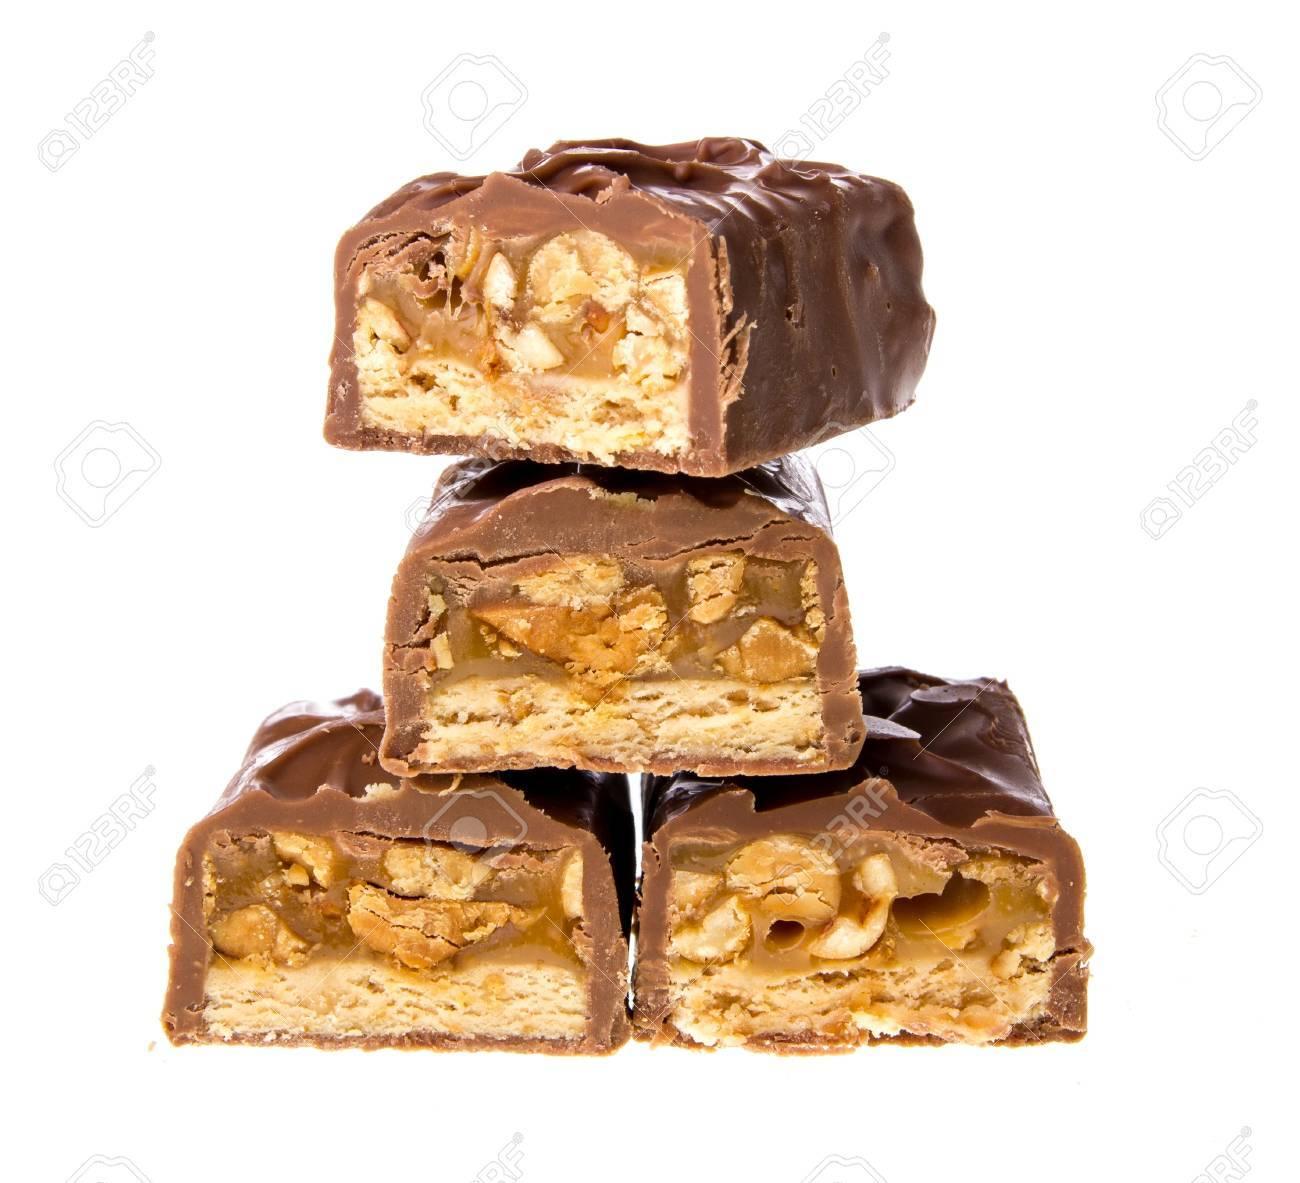 chocolate bar with caramel - 21572958